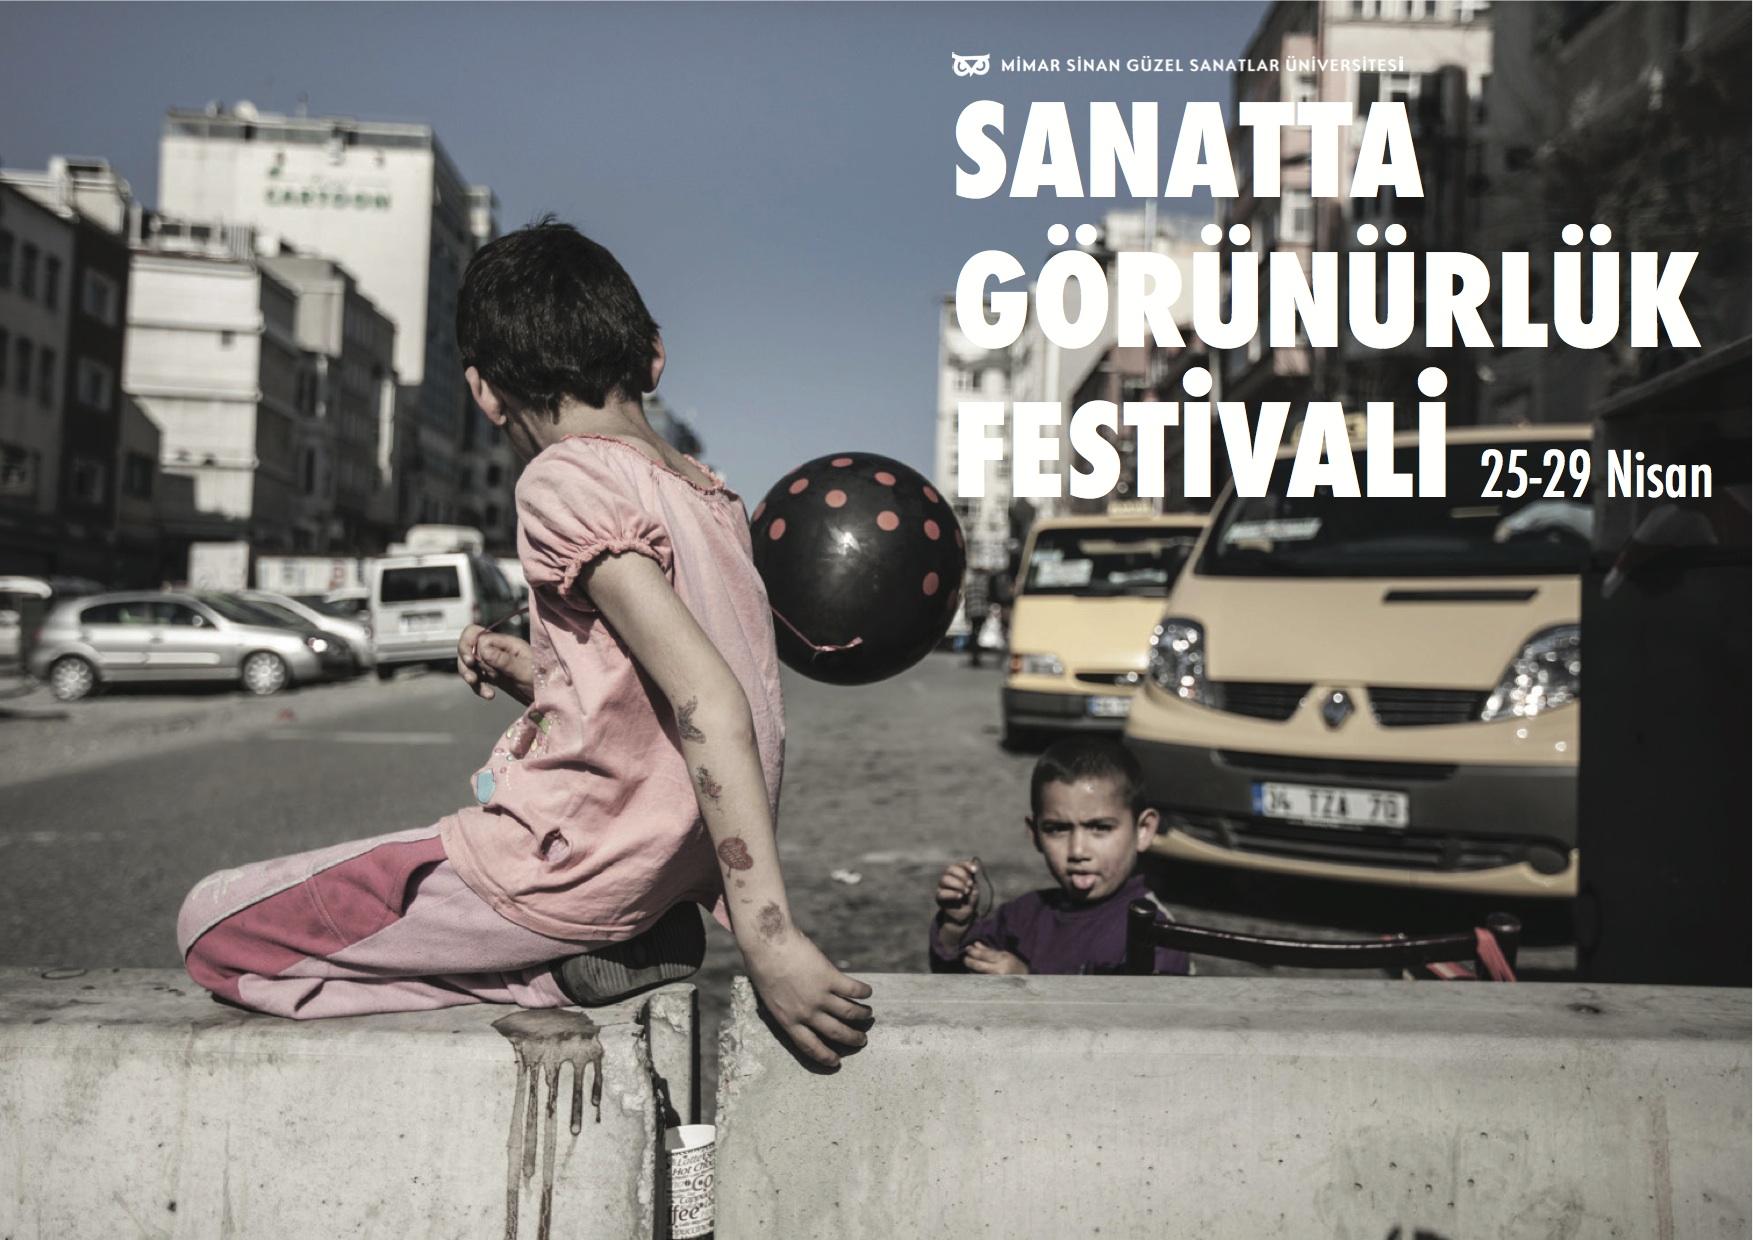 1. Sanatta Görünürlük Festivali 2014